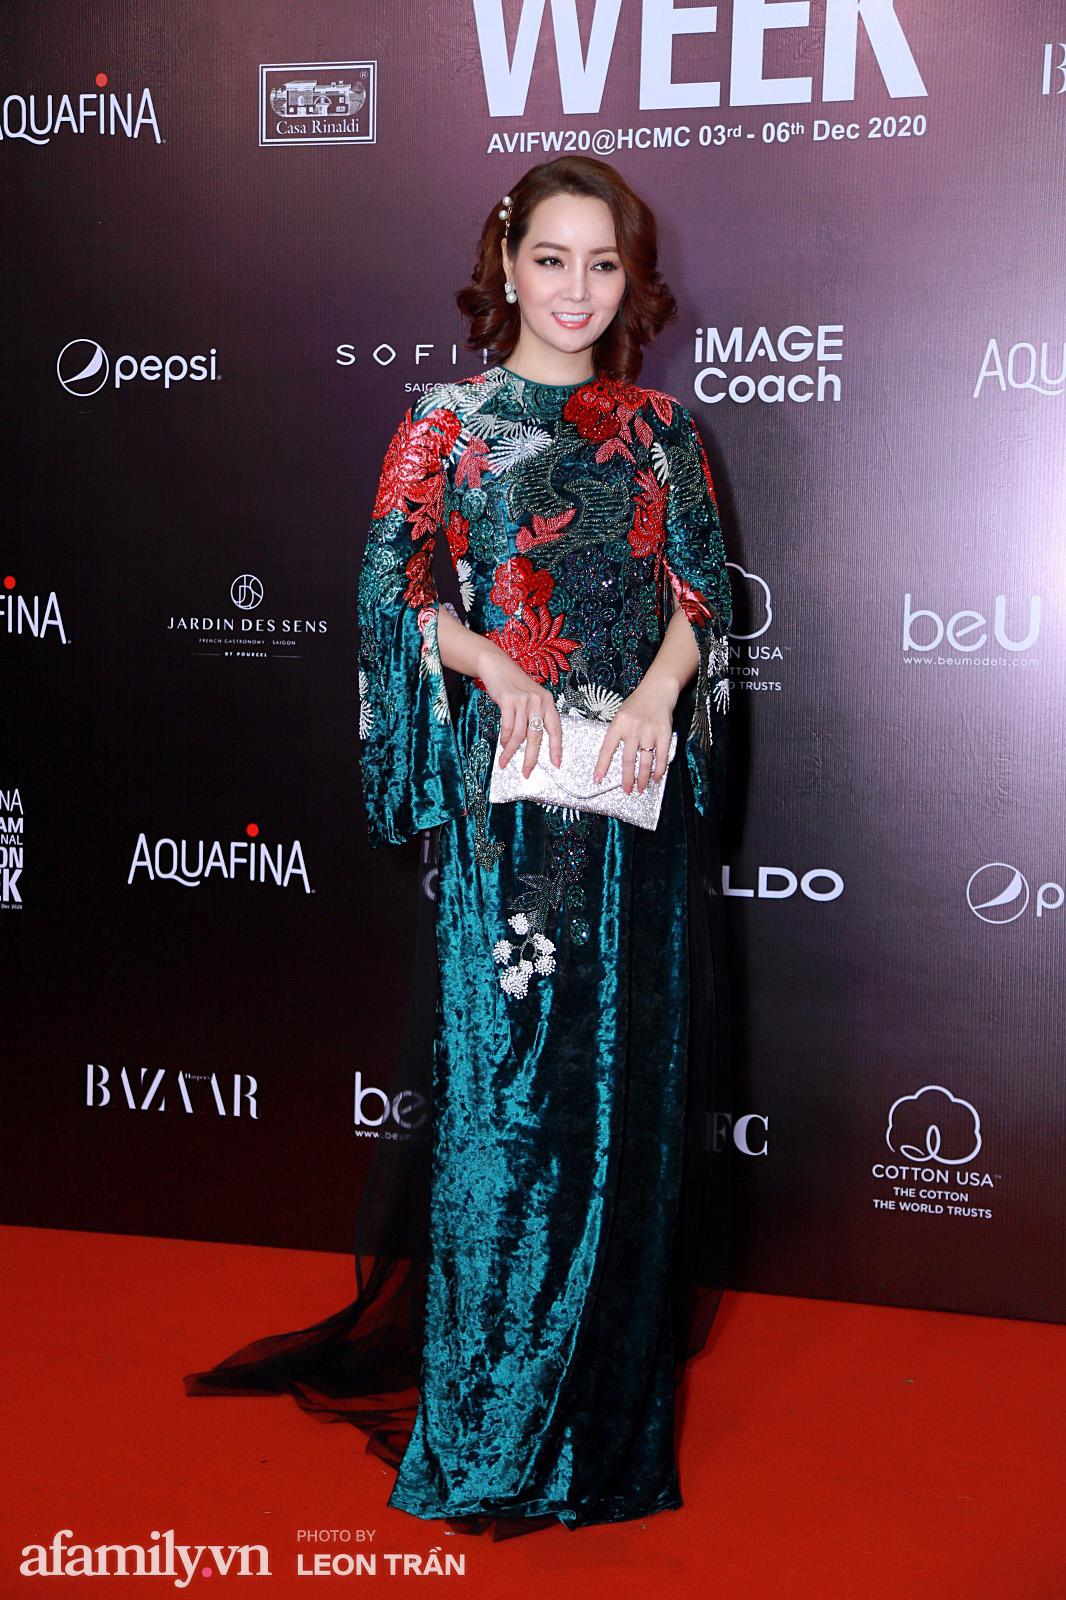 Thảm đỏ Aquafina Vietnam International Fashion Week 2020 ngày 3: Nhã Phương trẻ xinh trong bộ ren trắng, Diệu Nhi nhìn khác lạ trong bộ áo dài cách tân  - Ảnh 9.